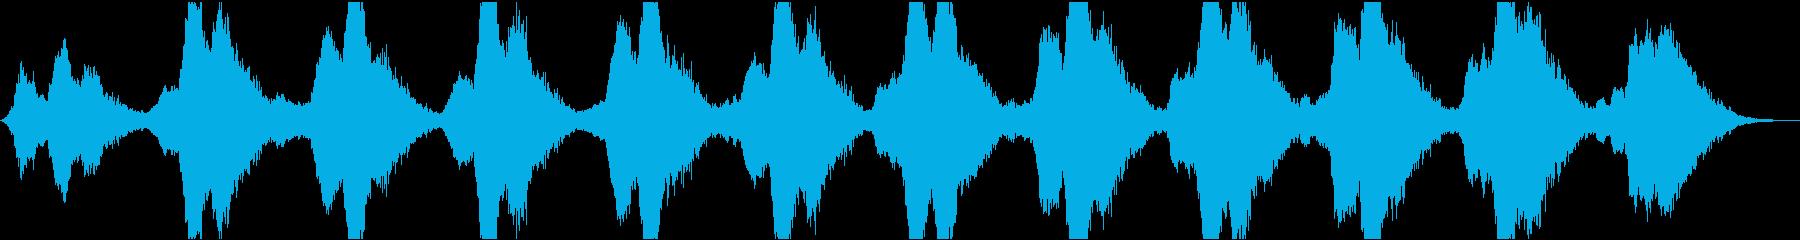 動画9 16bit44.1kHzVerの再生済みの波形